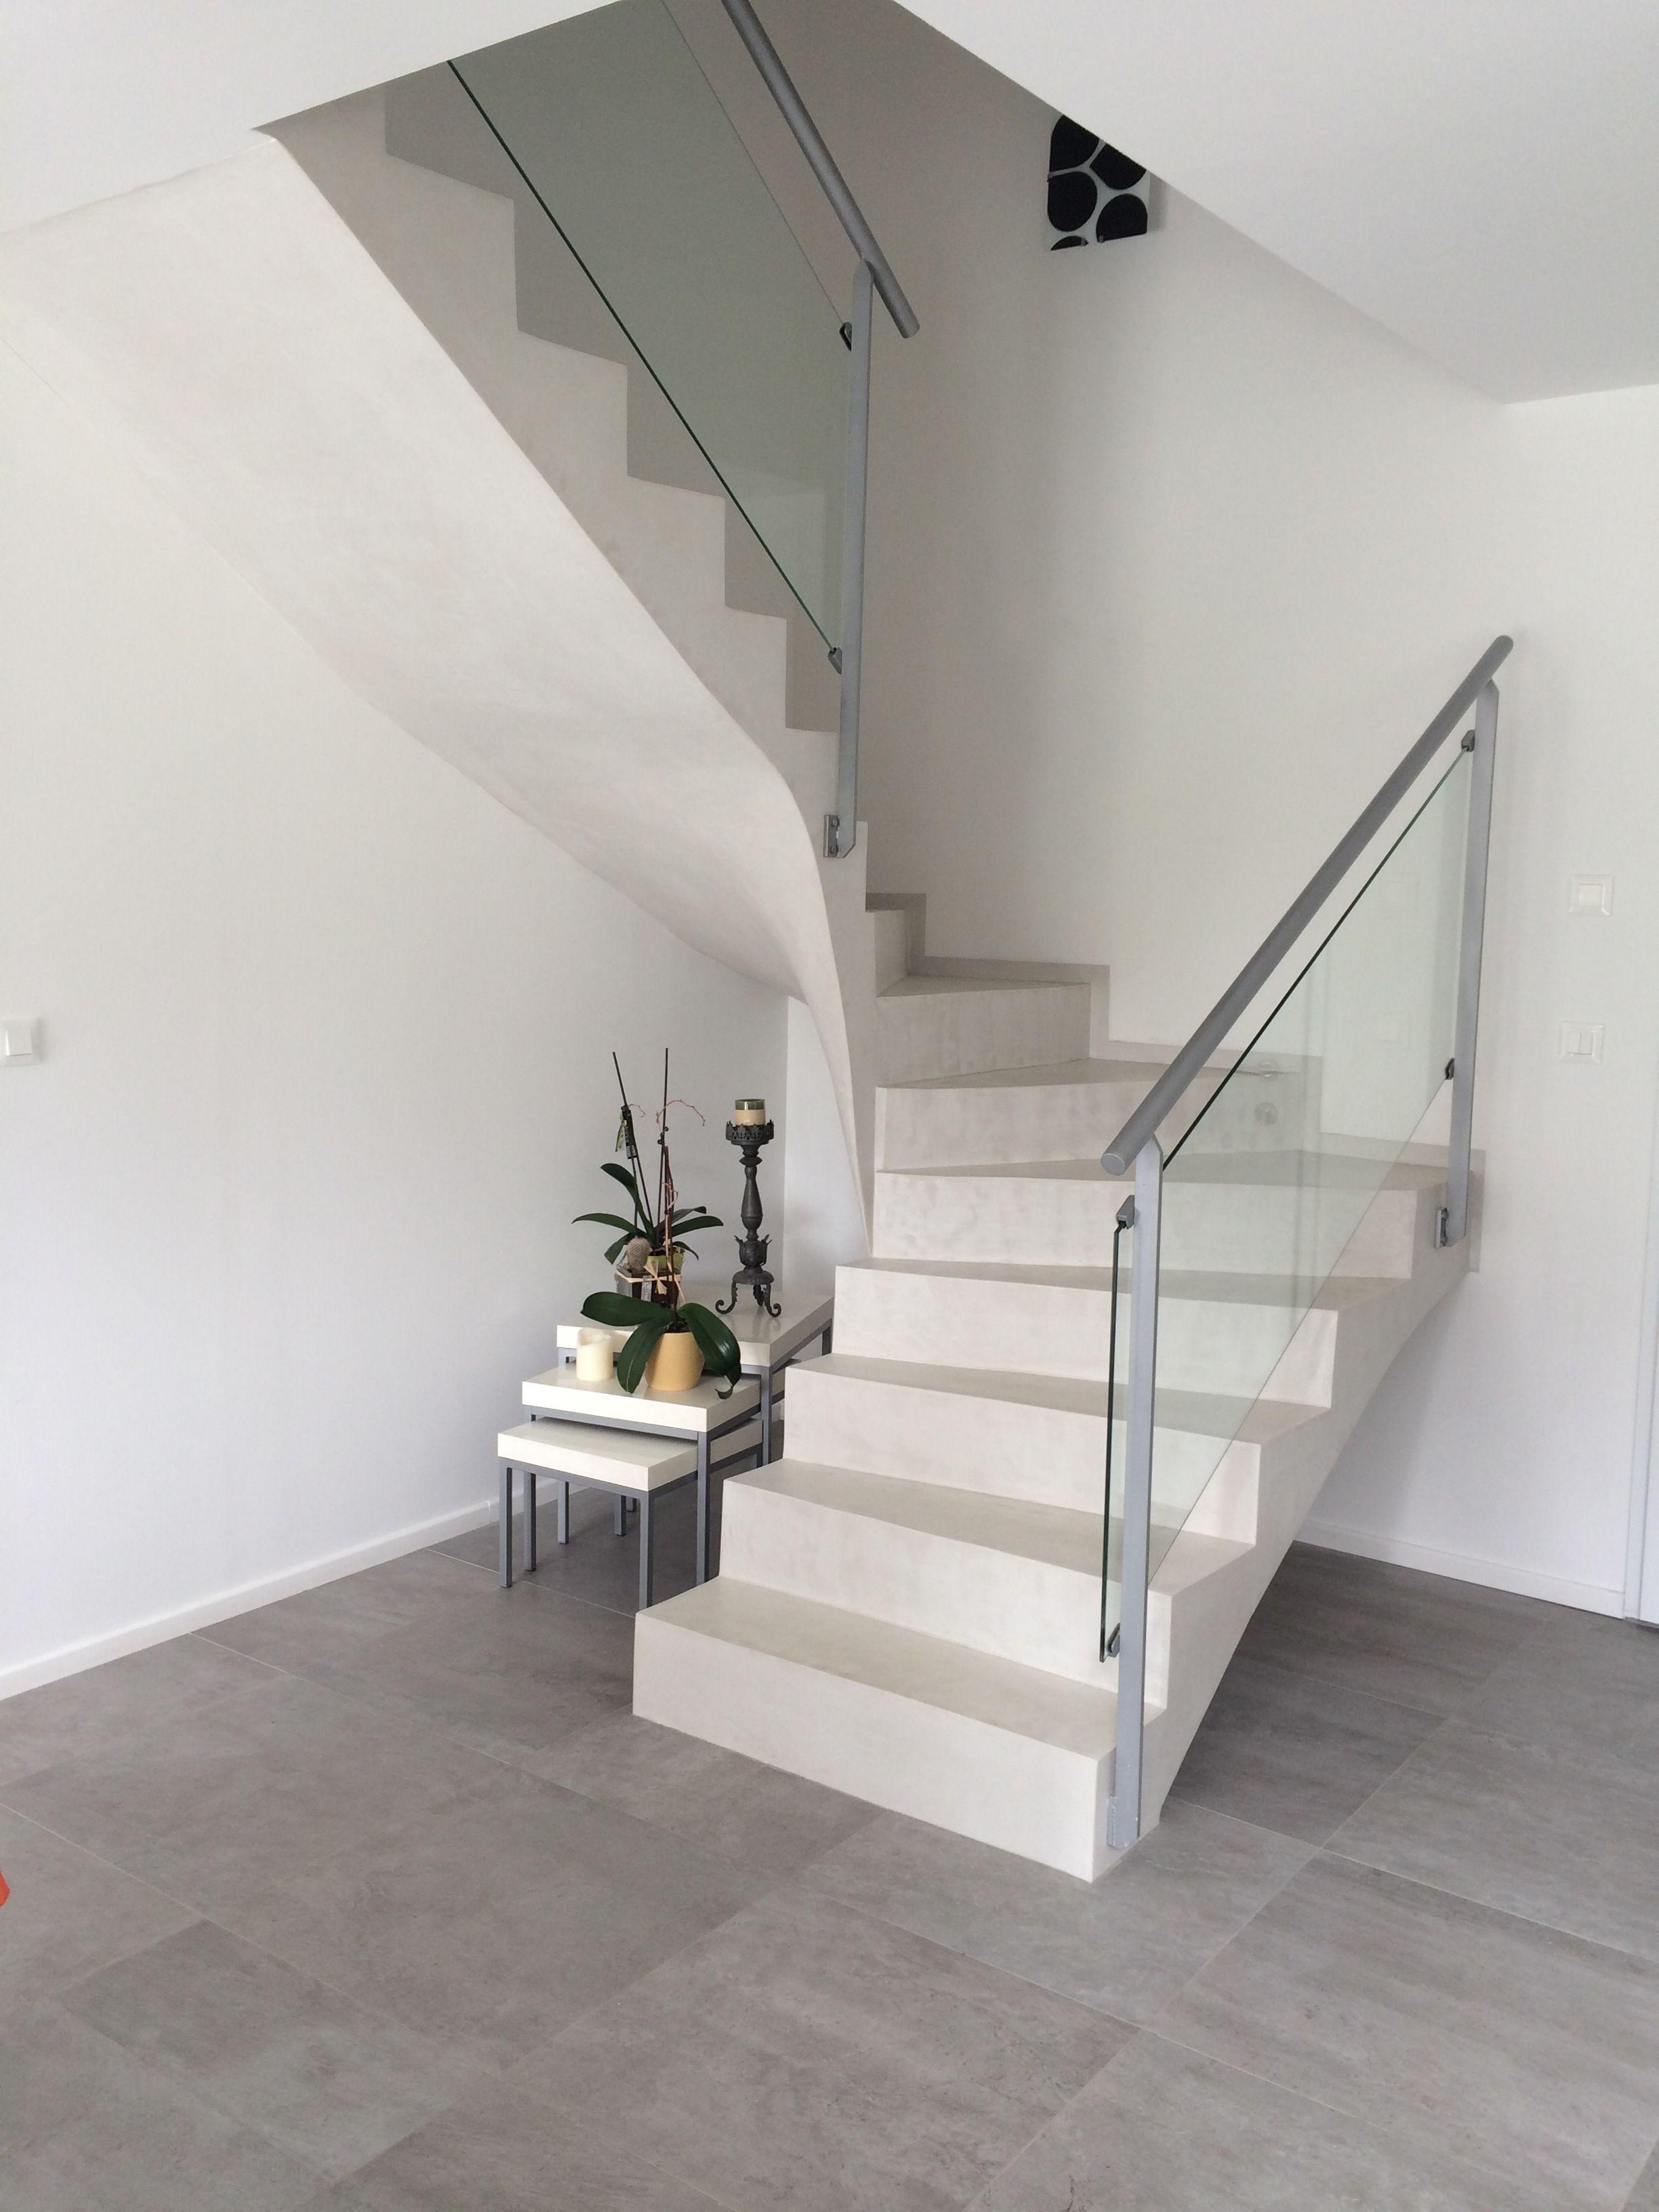 pin von marisol adame auf chole 39 s home pinterest treppe haus und haus ideen. Black Bedroom Furniture Sets. Home Design Ideas